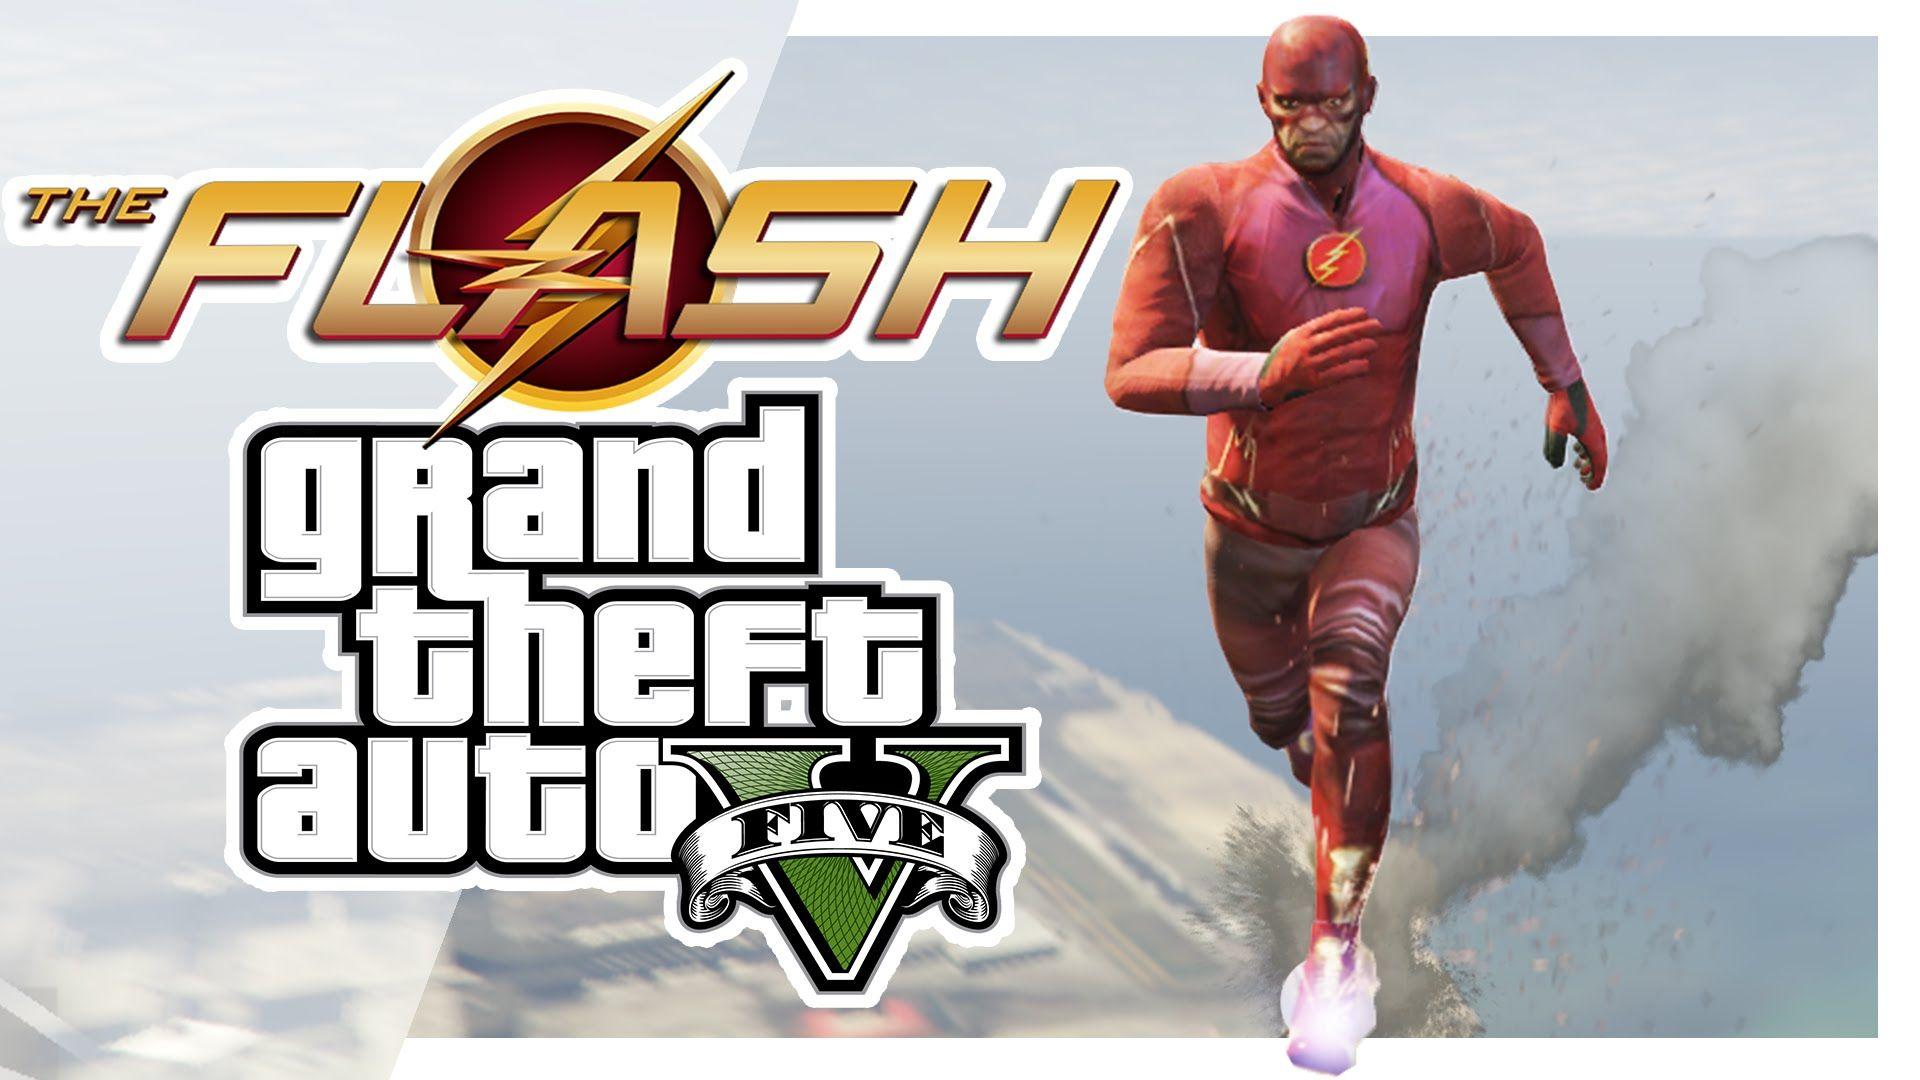 GTA V Mods - The Flash - http://www.comics2film.com/dc/flash/gta-v-mods-the-flash/  #TheFlash